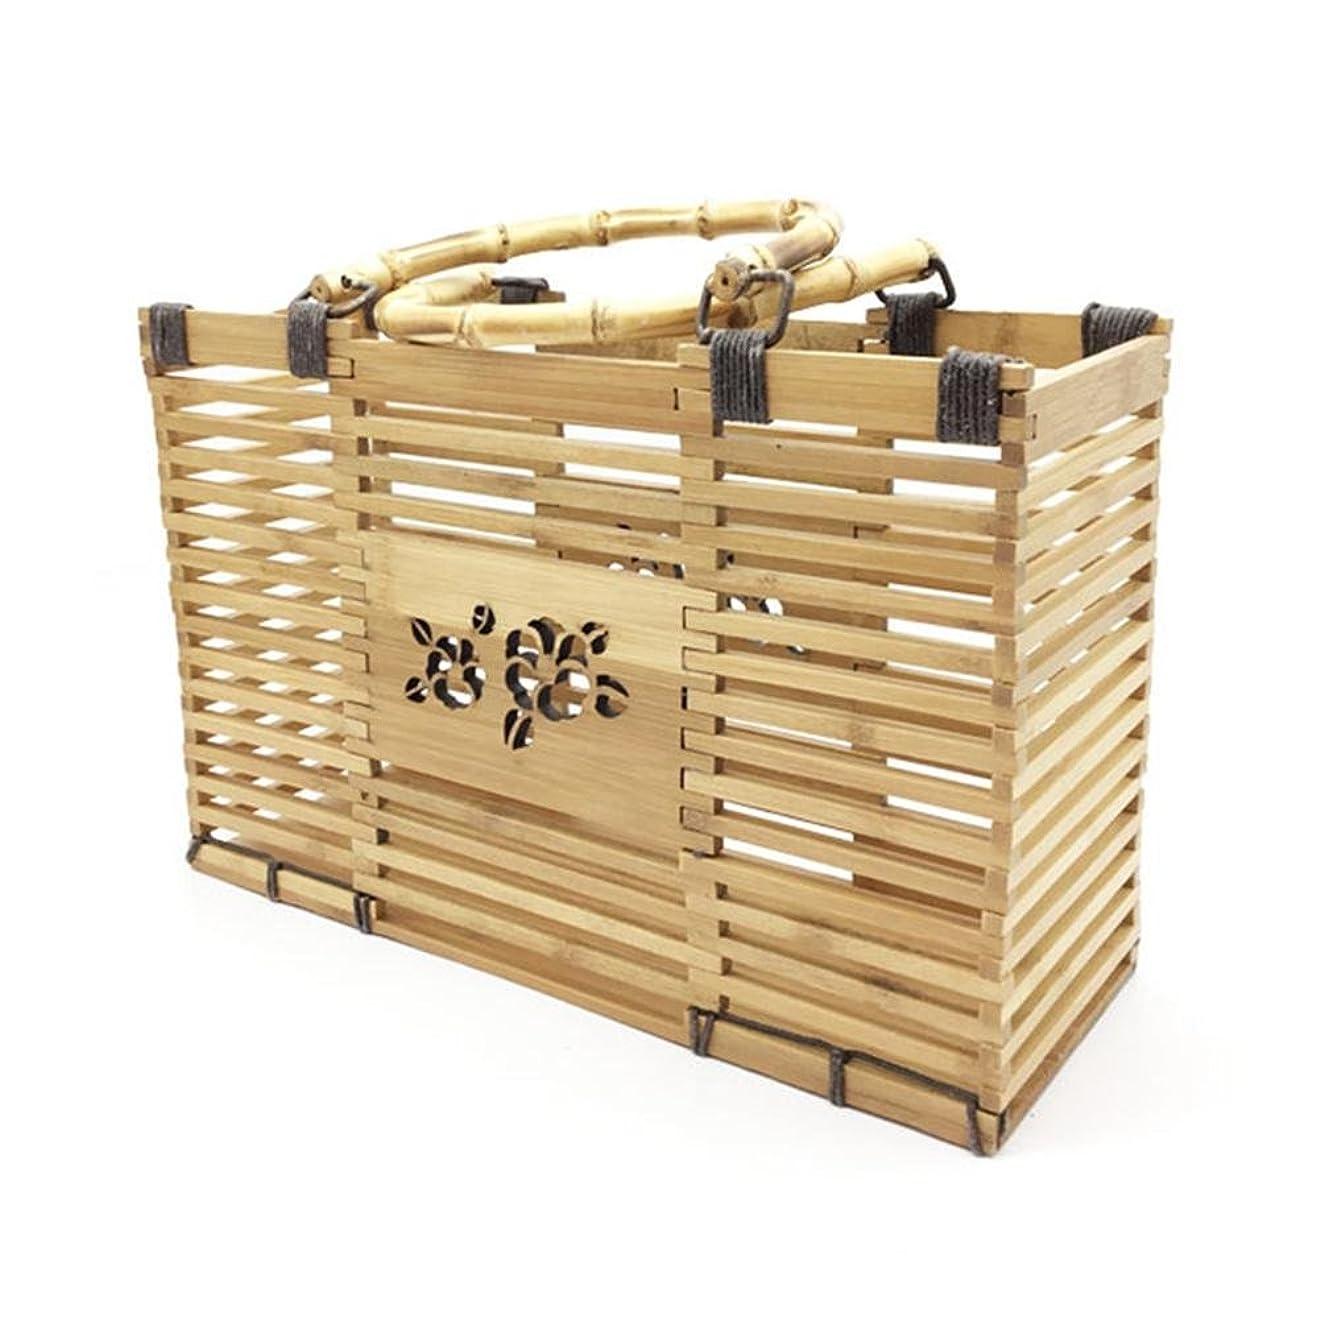 プレゼン重要な鮮やかなFarlong 手作りの砂浜竹製バッグ収納バッグ竹節包 休暇旅行ビーチバッグ シンプルなファッション